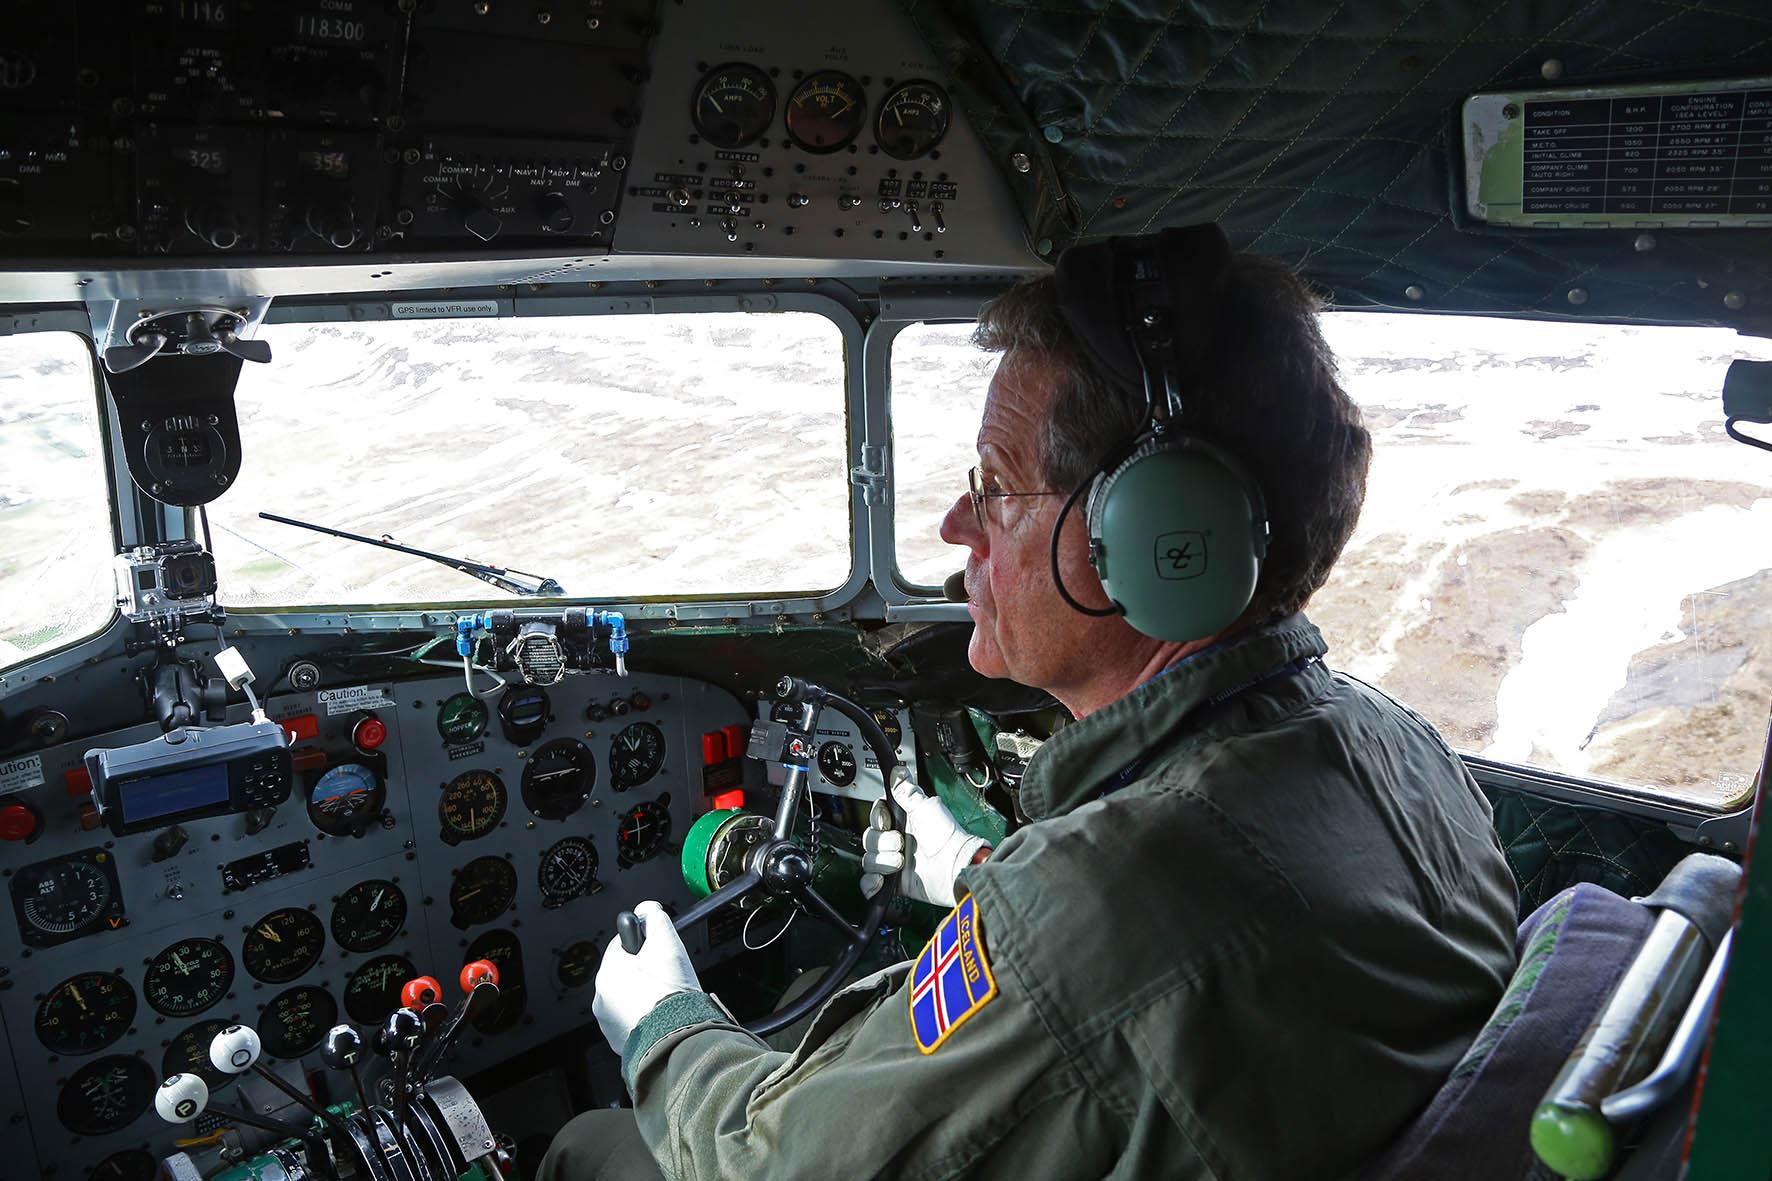 Hallgrimur Jónsson is piloting the DC-3 reg. TF-NPK // Source: Flugsafn Íslands (Hörður Geirsson)